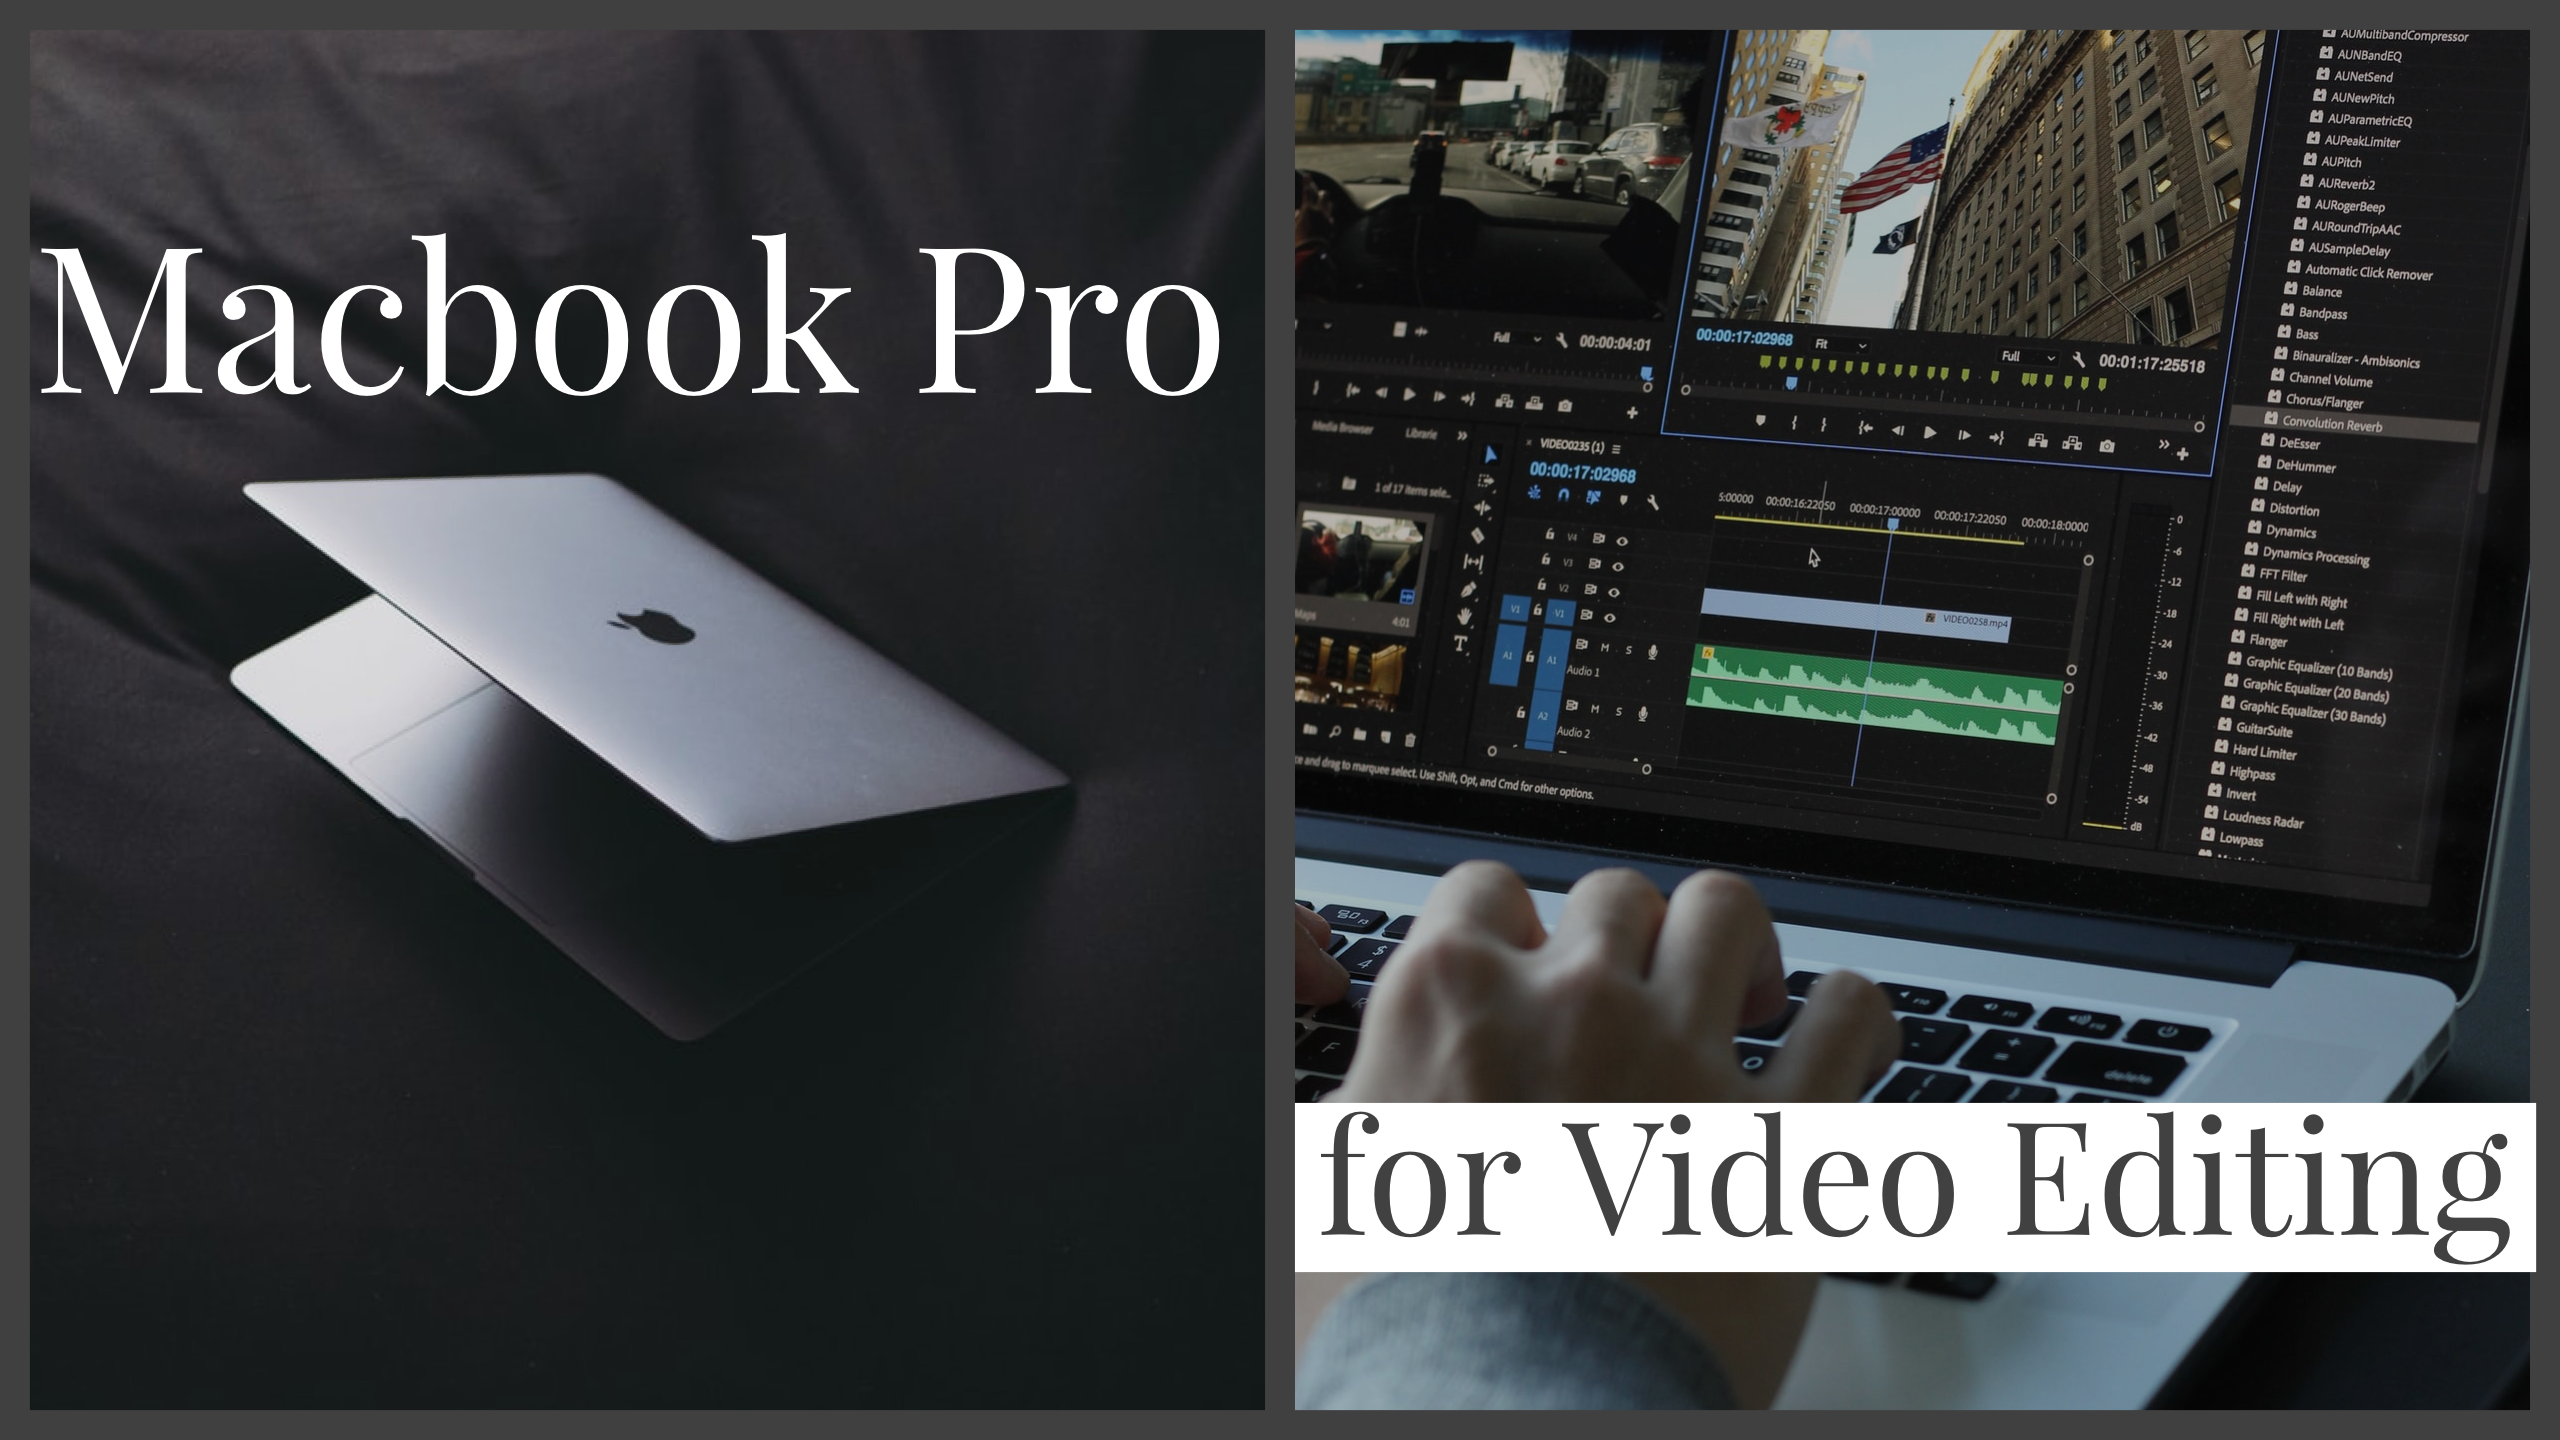 Macbook Proで動画編集を始めたい人が選ぶべきスペックや機種は?【13インチ/16インチ】